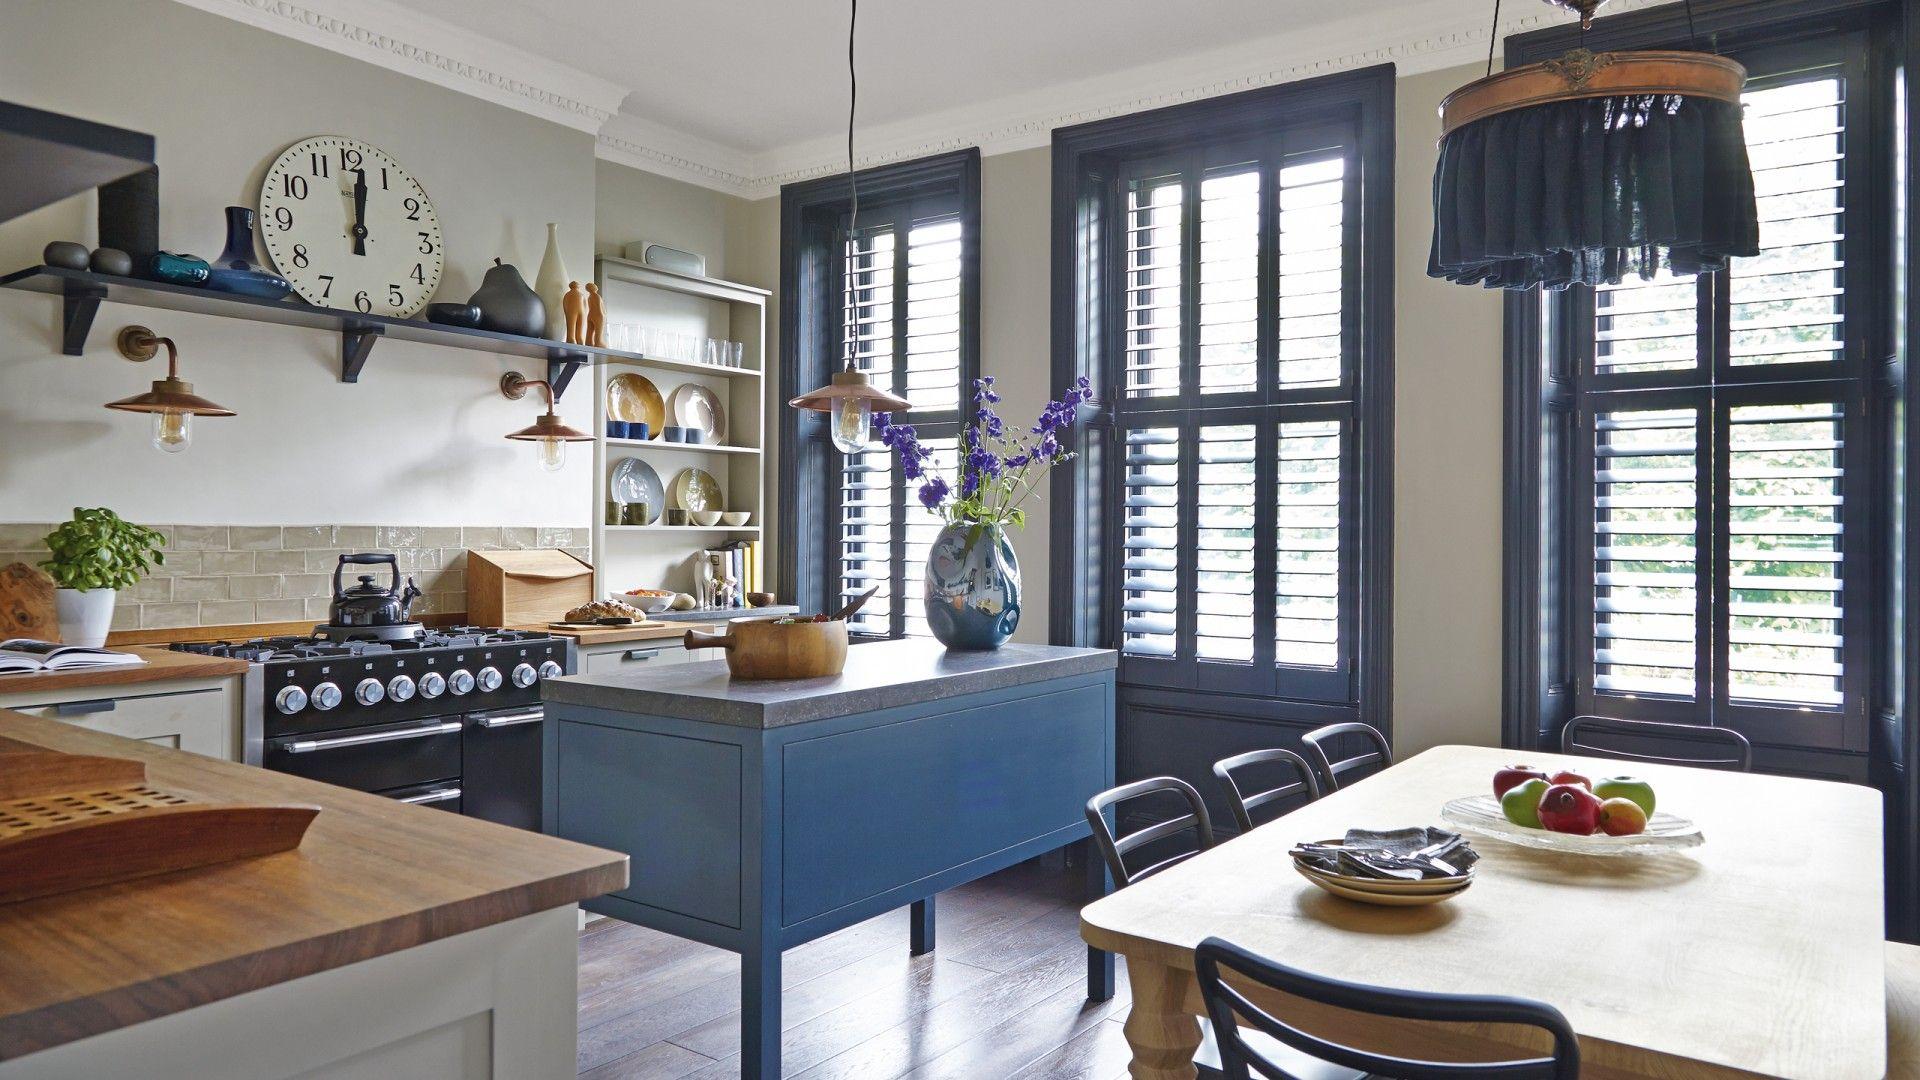 Ein einfaches küchendesign blue kitchen  kitchen ideas  pinterest